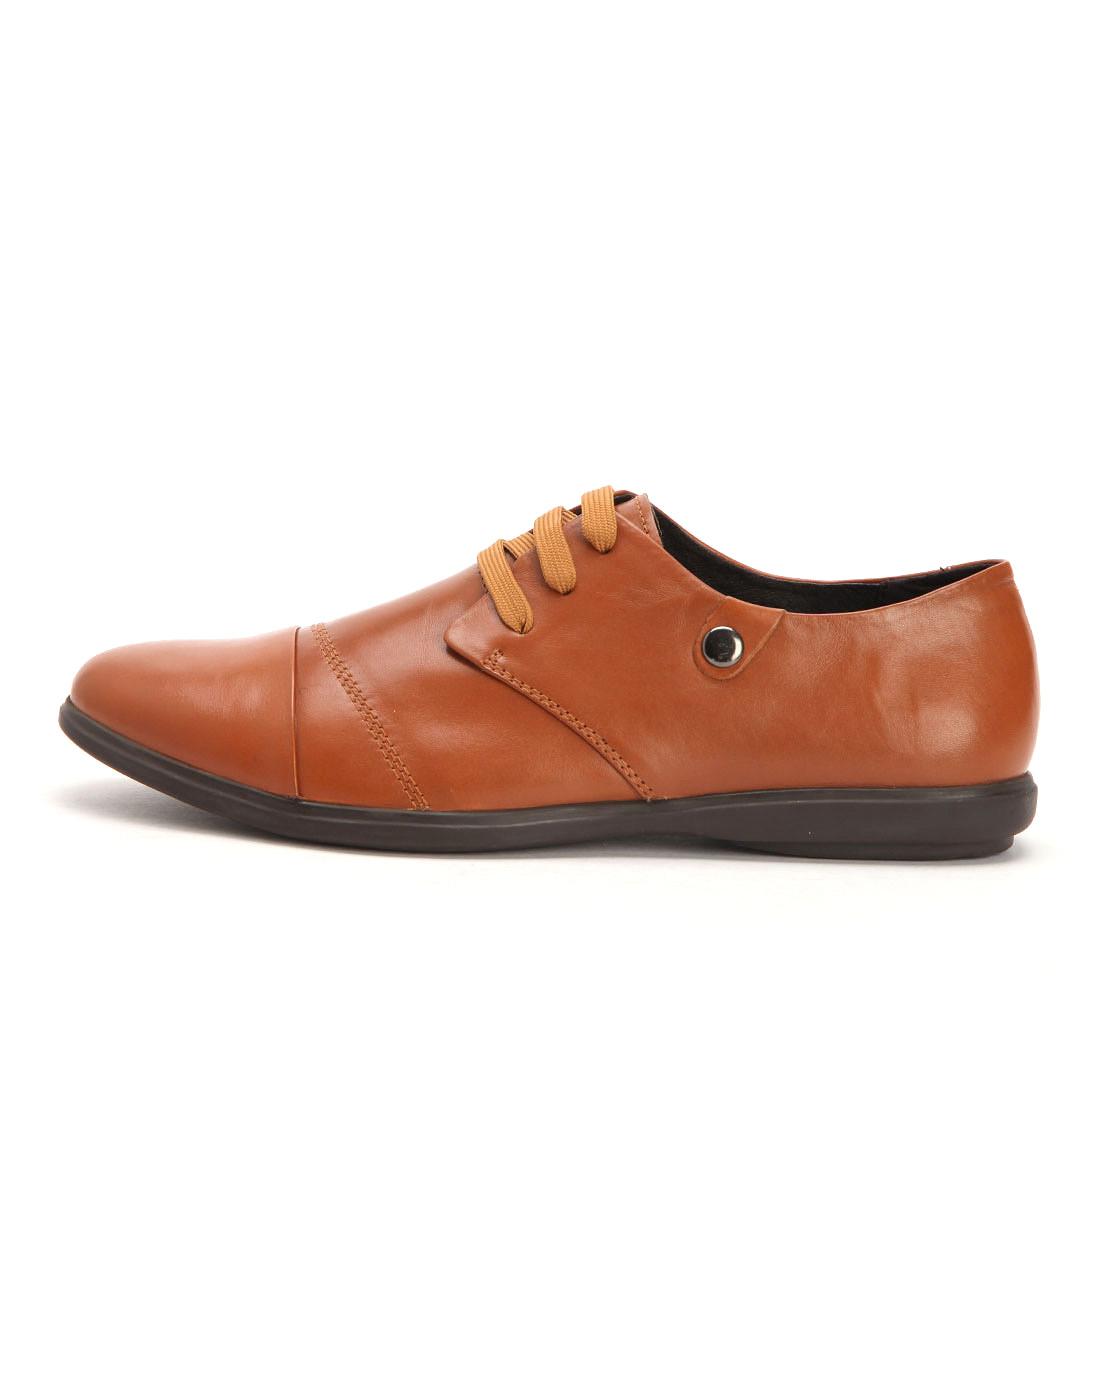 浅棕都市新款头层牛皮舒适休闲男鞋